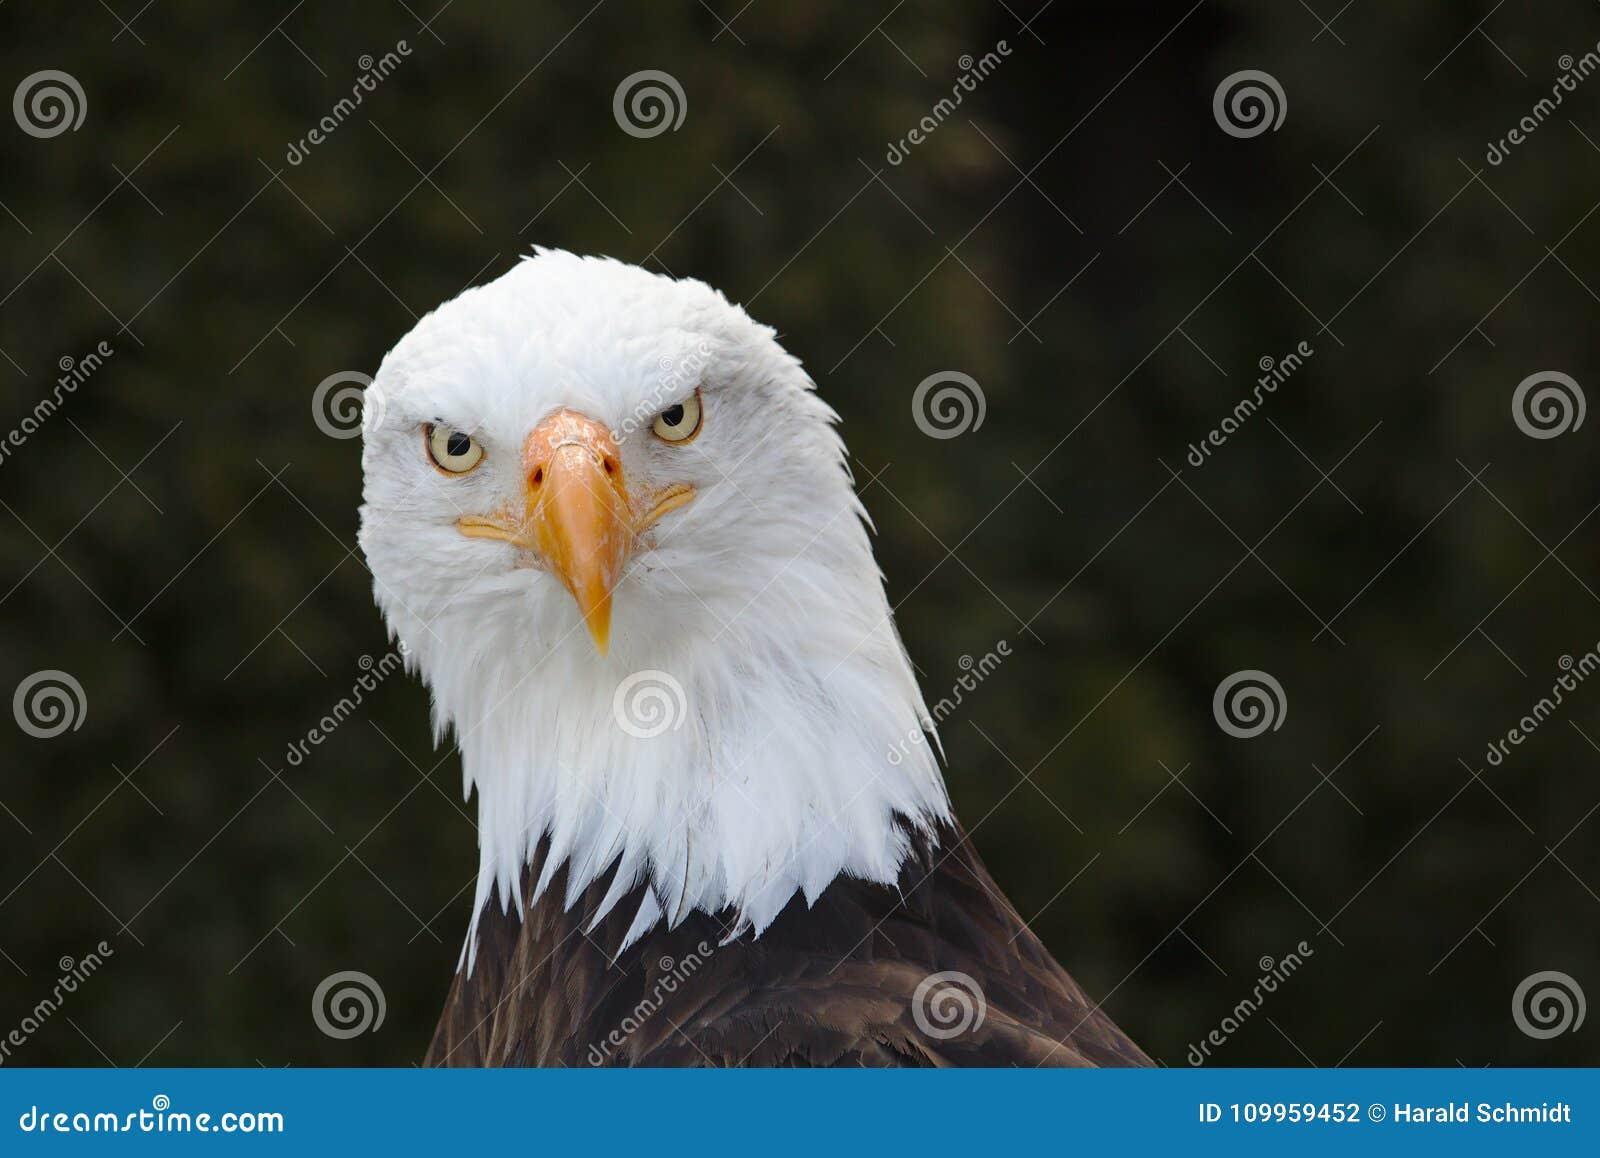 Portrait frontal d un aigle chauve